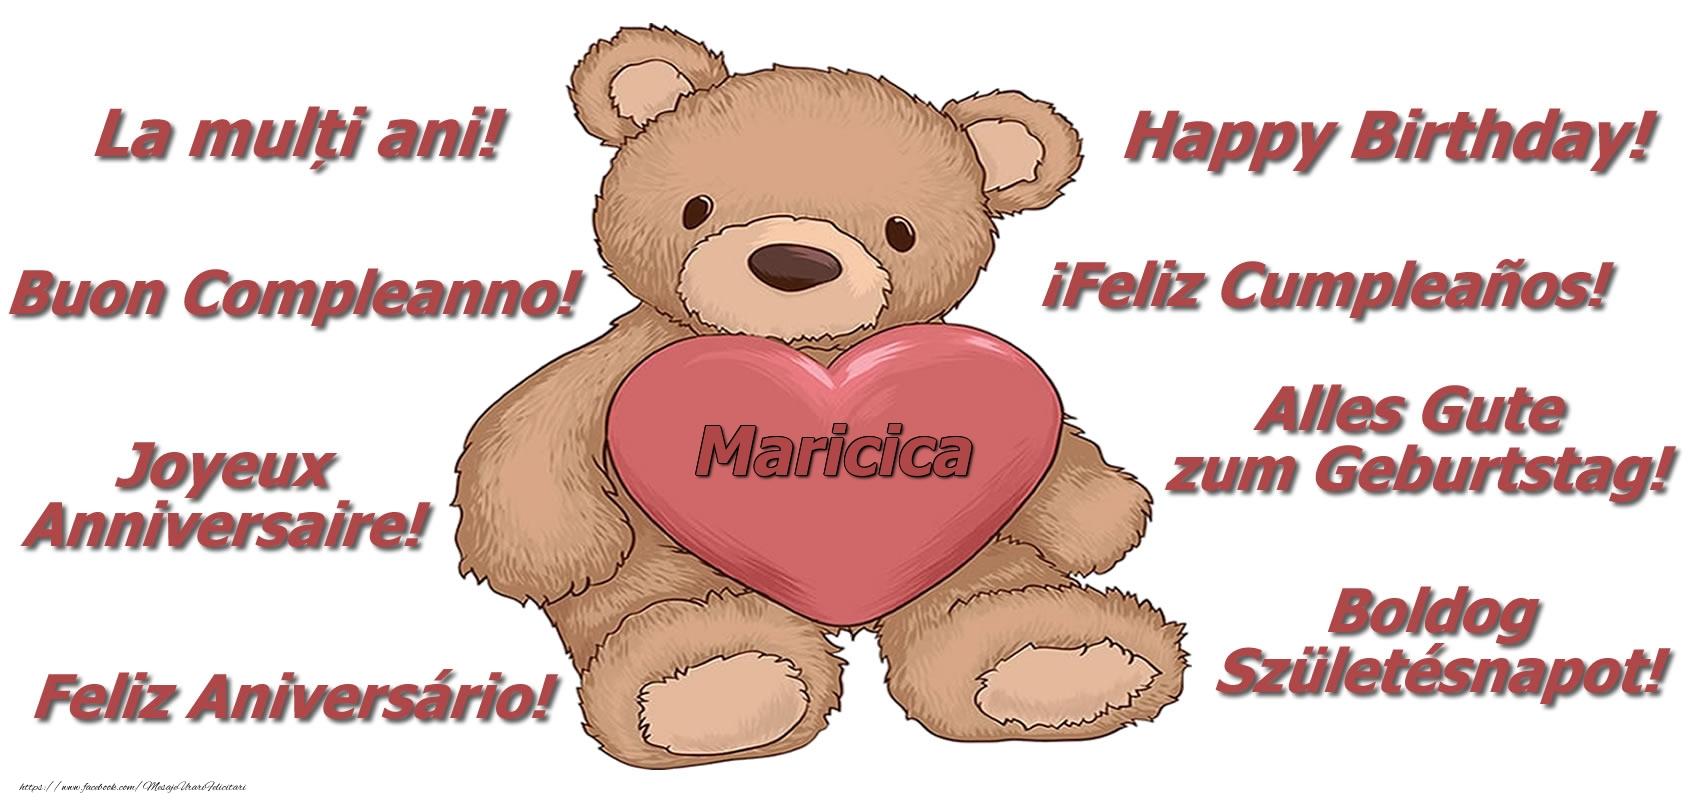 Felicitari de zi de nastere - La multi ani Maricica! - Ursulet